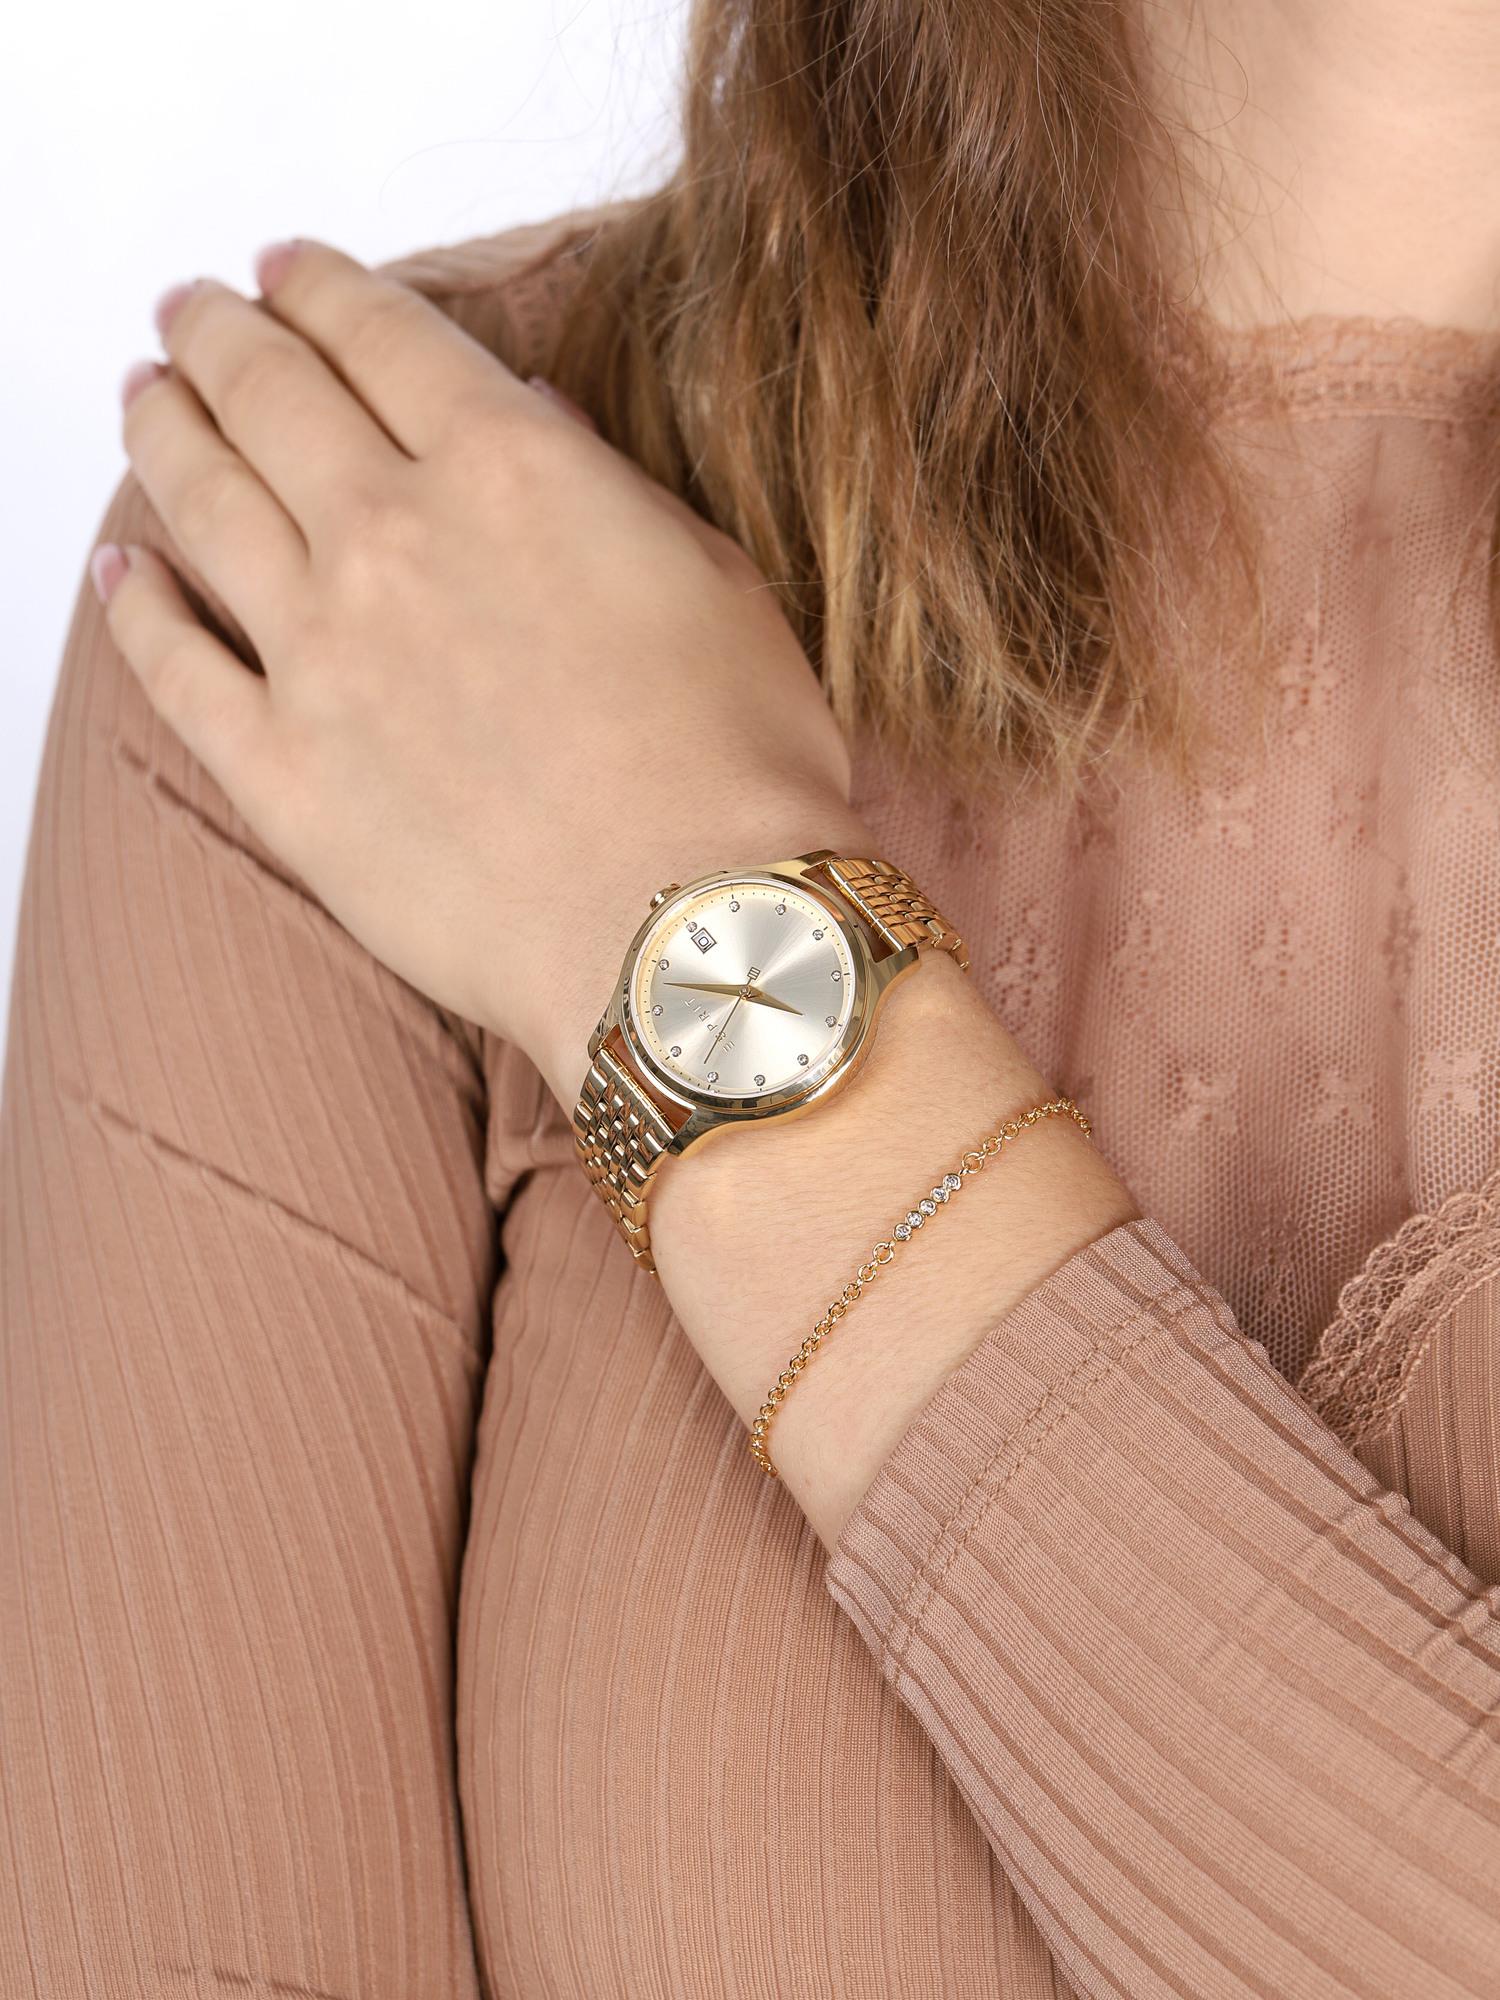 Esprit ES1L198M0075 Damskie zegarek damski klasyczny mineralne